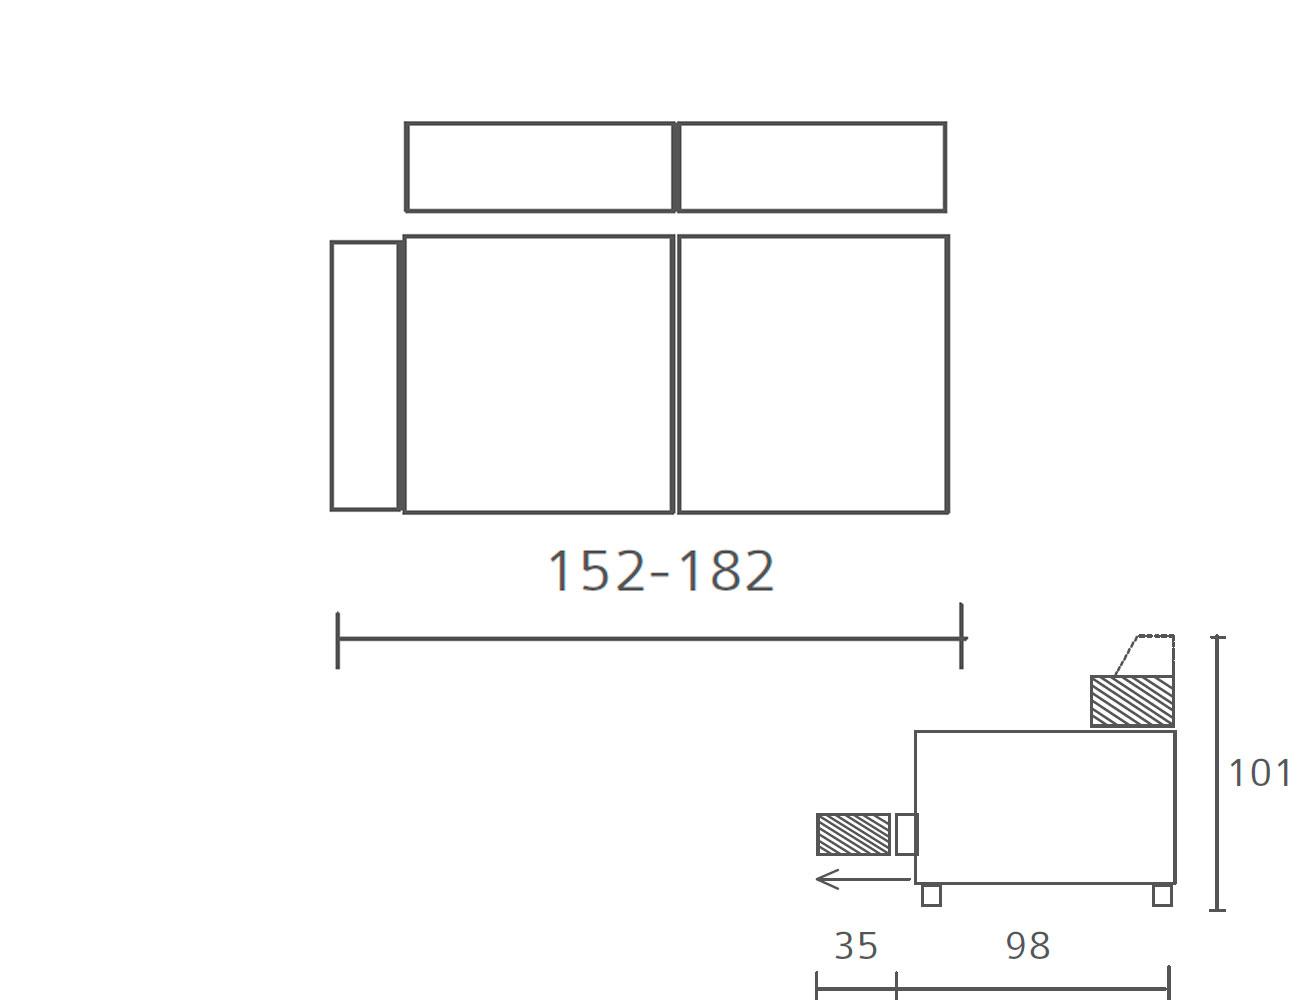 Modulo con 1 brazo 152 1822